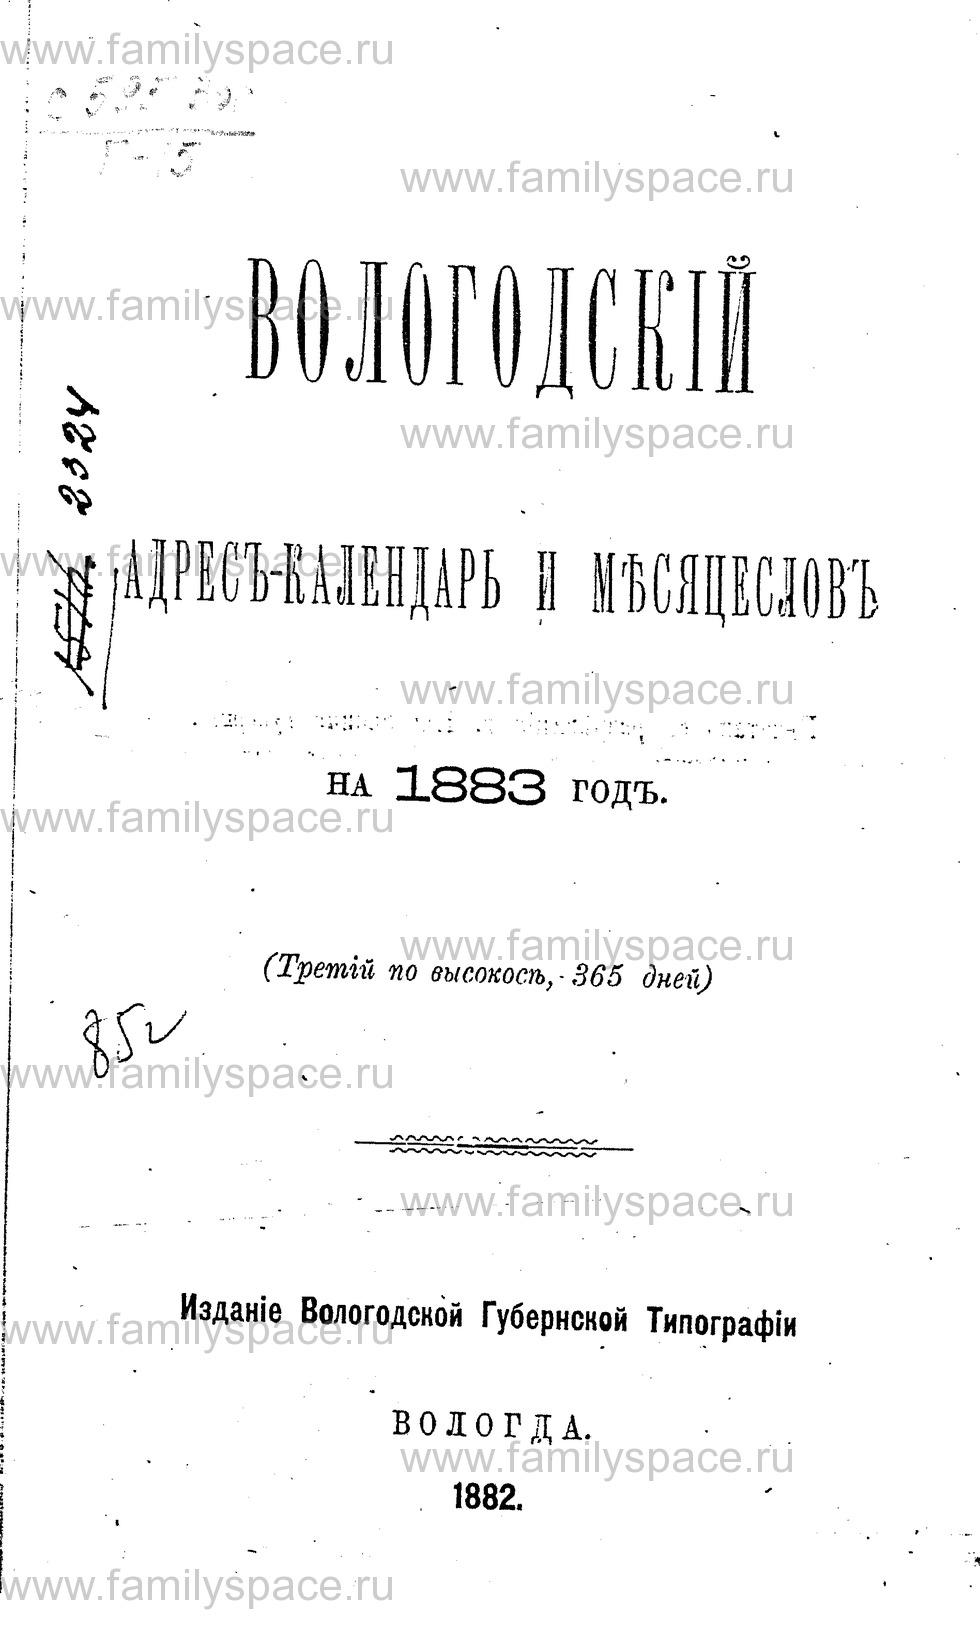 Поиск по фамилии - Вологодский адрес-календарь и месяцеслов на 1883 г, страница 1